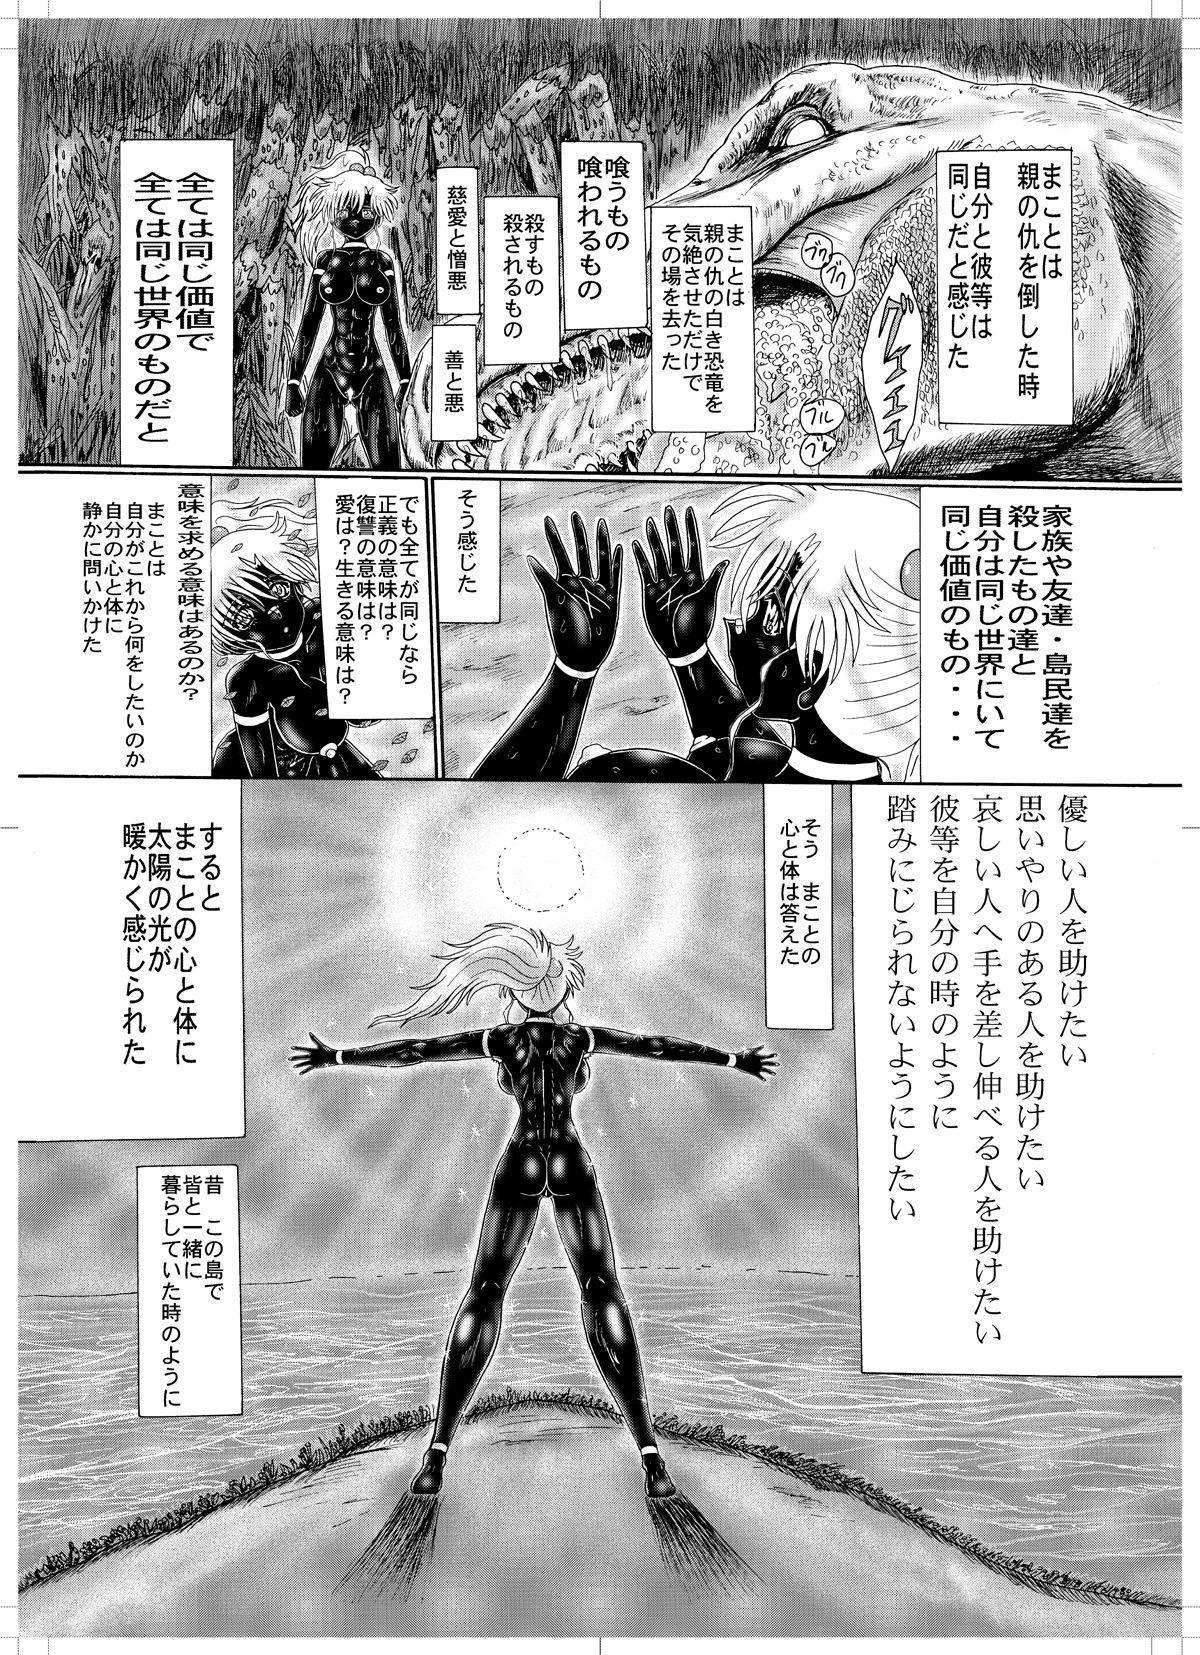 Koutetsu Choujin Black Muscle 25